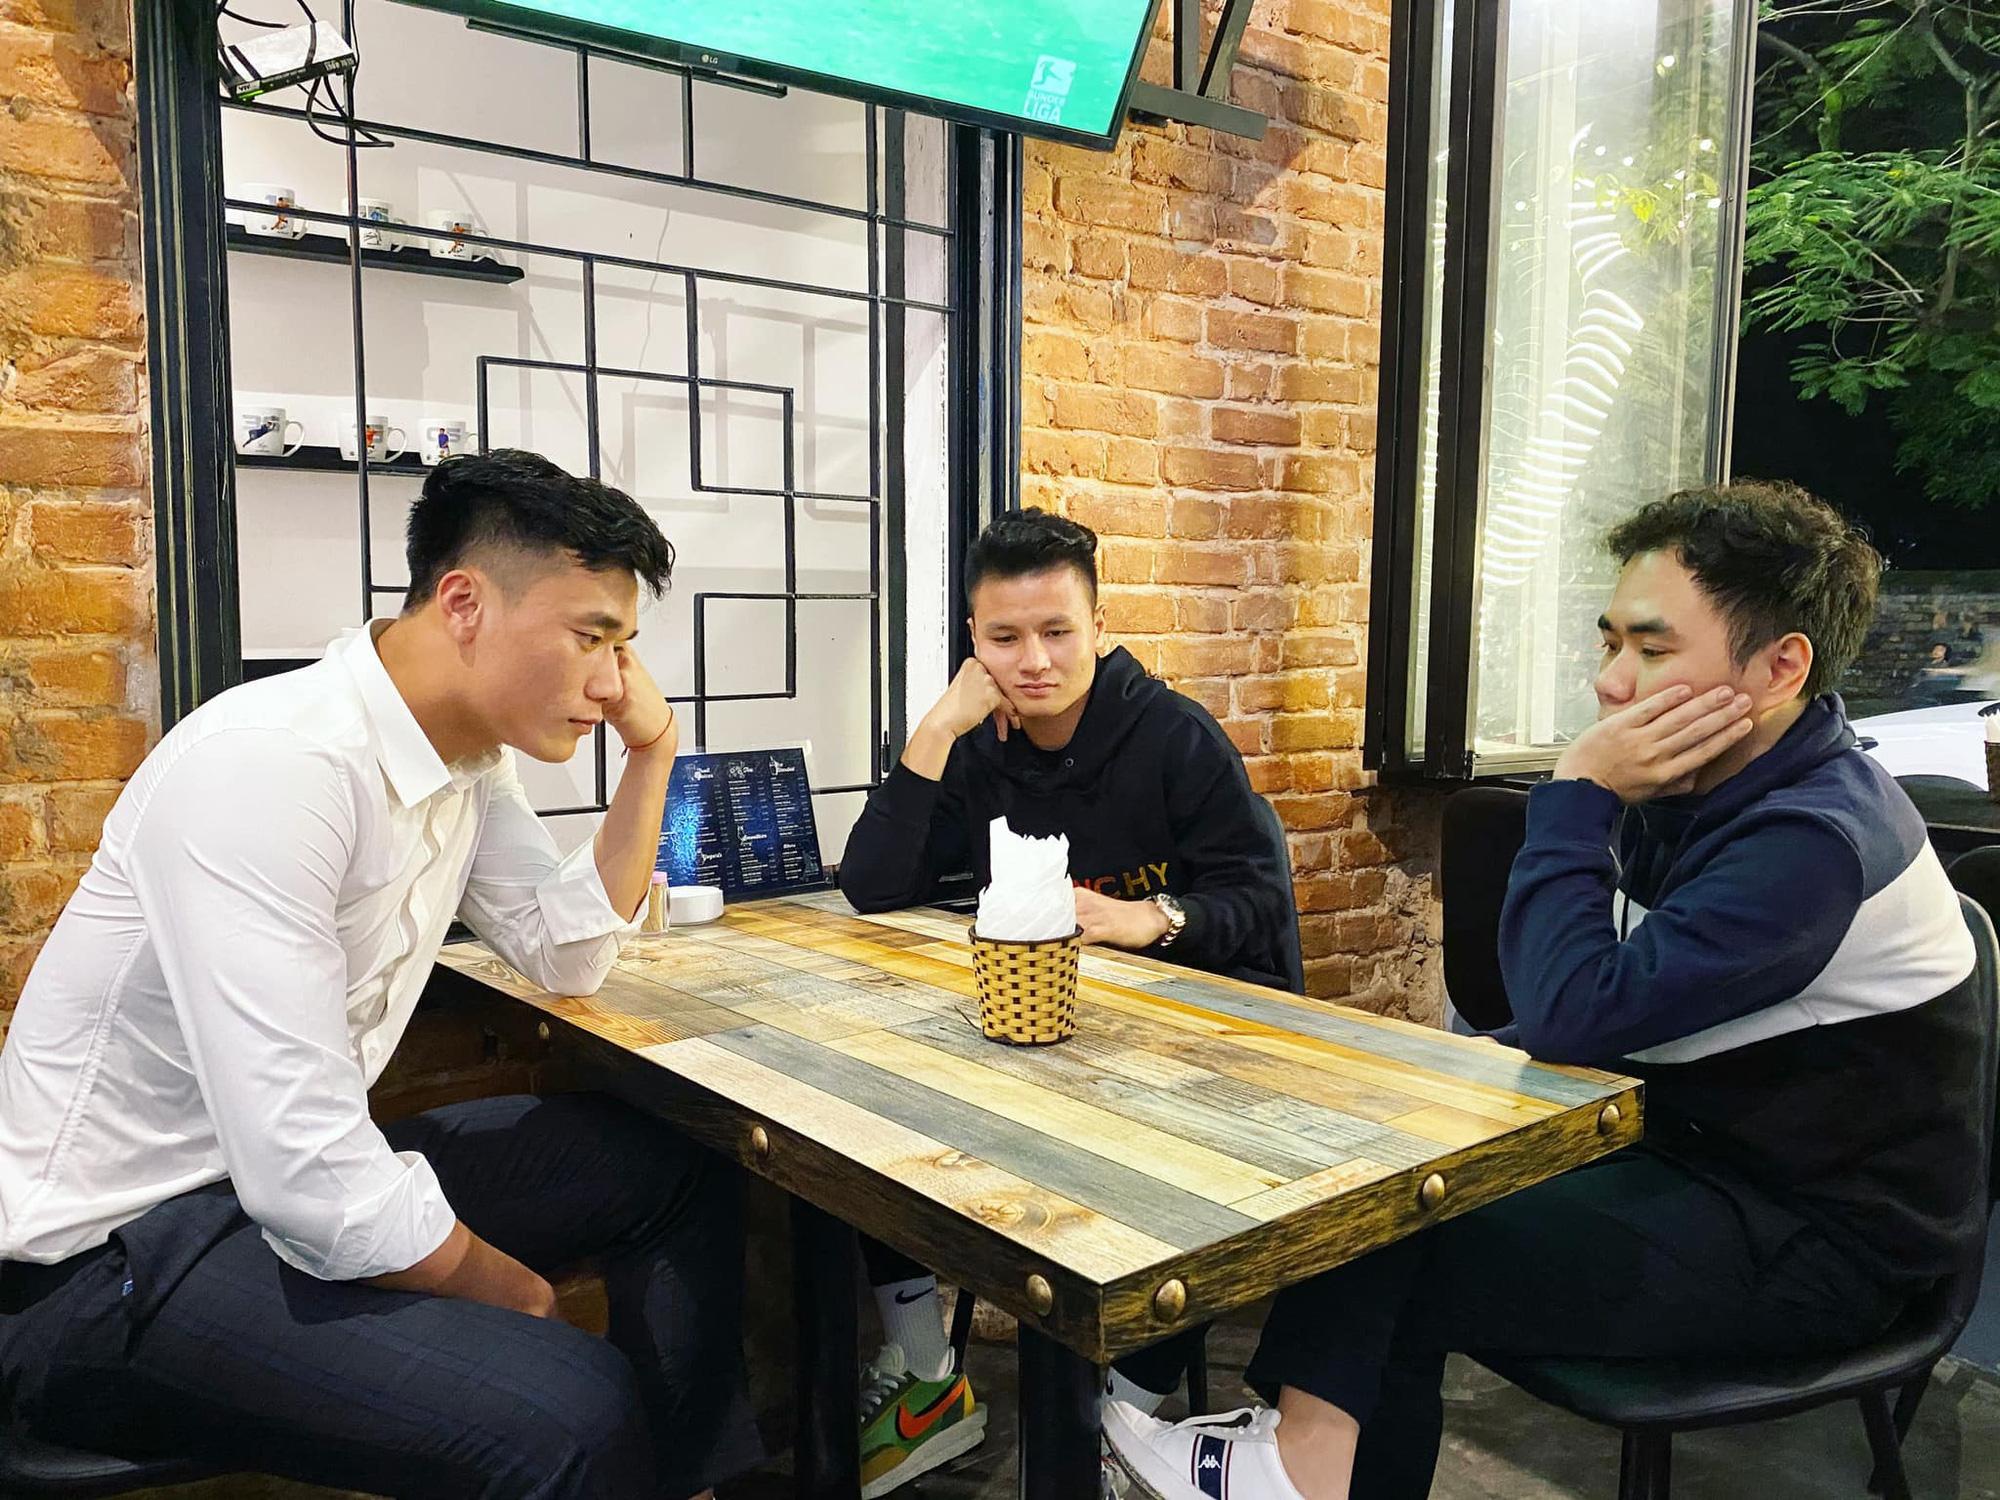 Người anh của Quang Hải trong tin nhắn hacker tiết lộ: Thường xuyên xuất hiện tại nhiều cuộc vui, bữa tiệc của cầu thủ nổi tiếng - Ảnh 2.